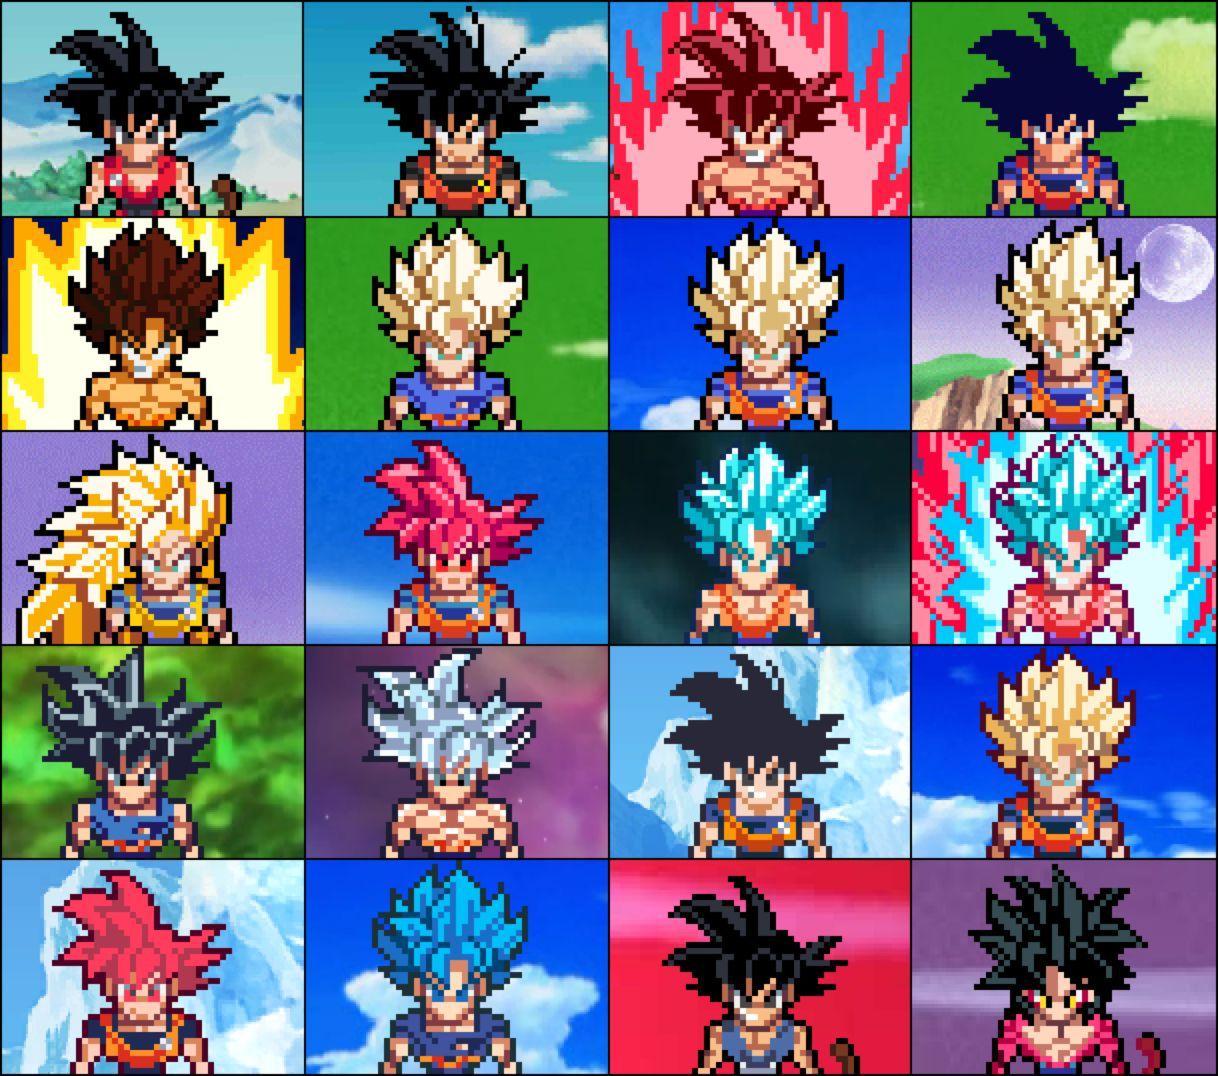 Evolution Of Son Goku Ulsw By Songoku0911 On Deviantart Dragon Ball Artwork Dragon Ball Art Dragon Ball Wallpapers